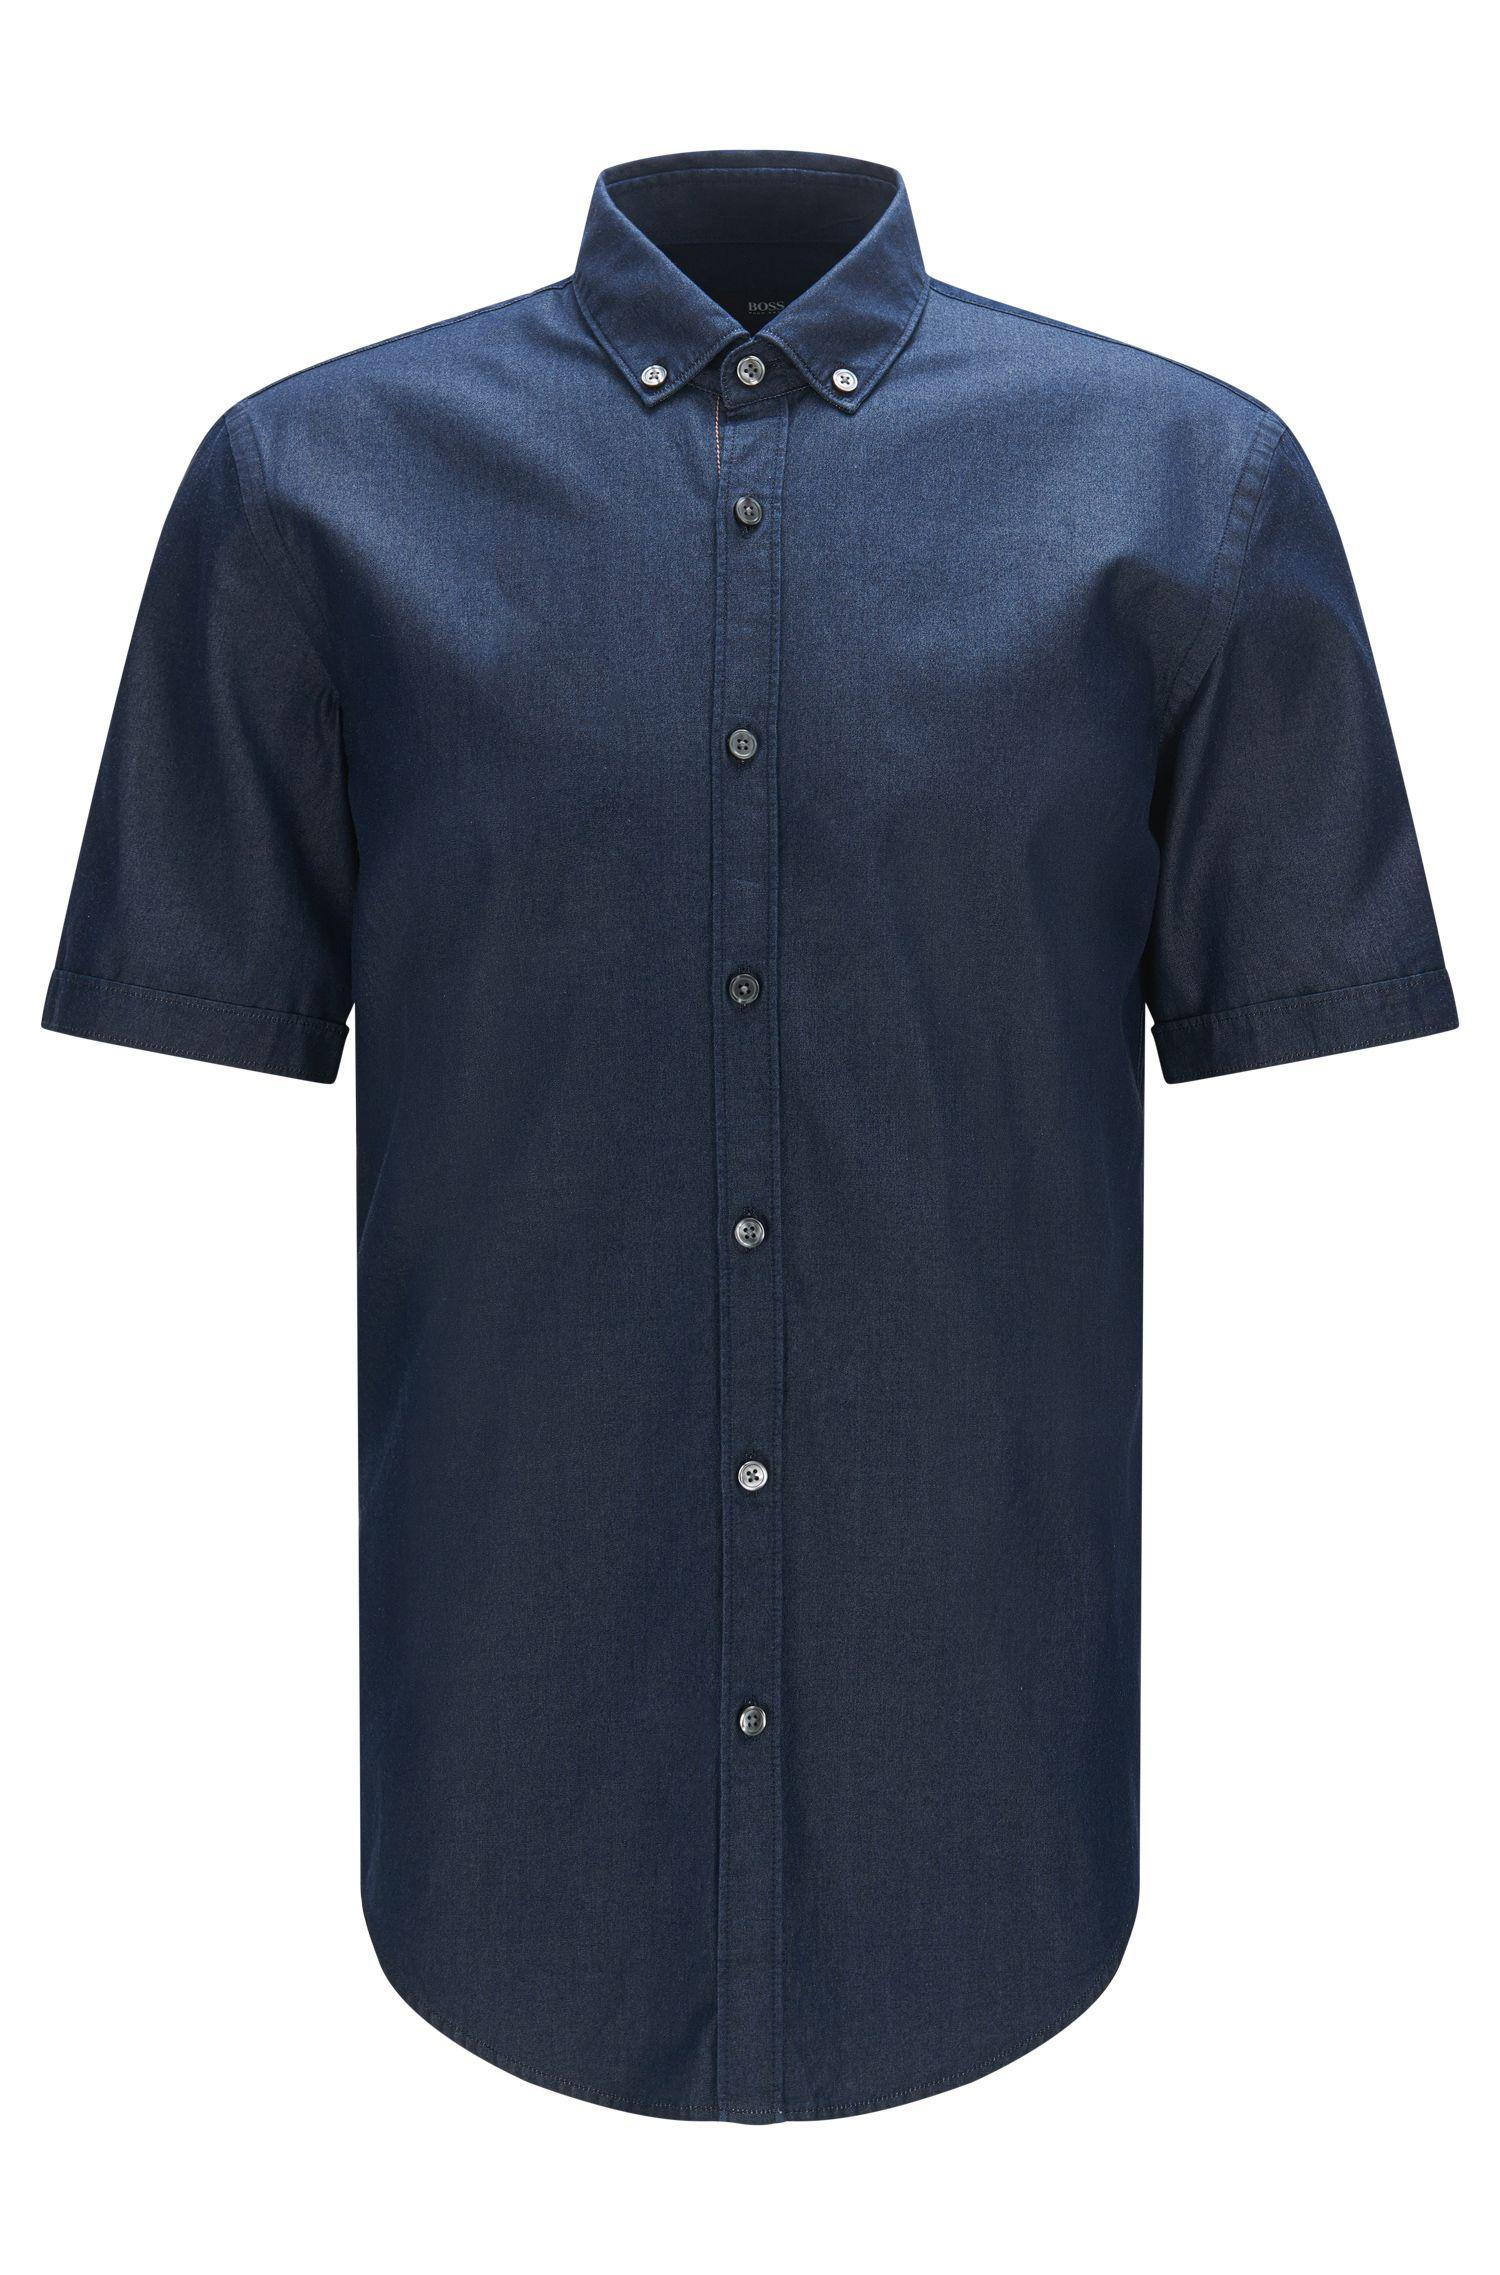 'Rik' | Slim Fit, Chambray Cotton Button Down Shirt